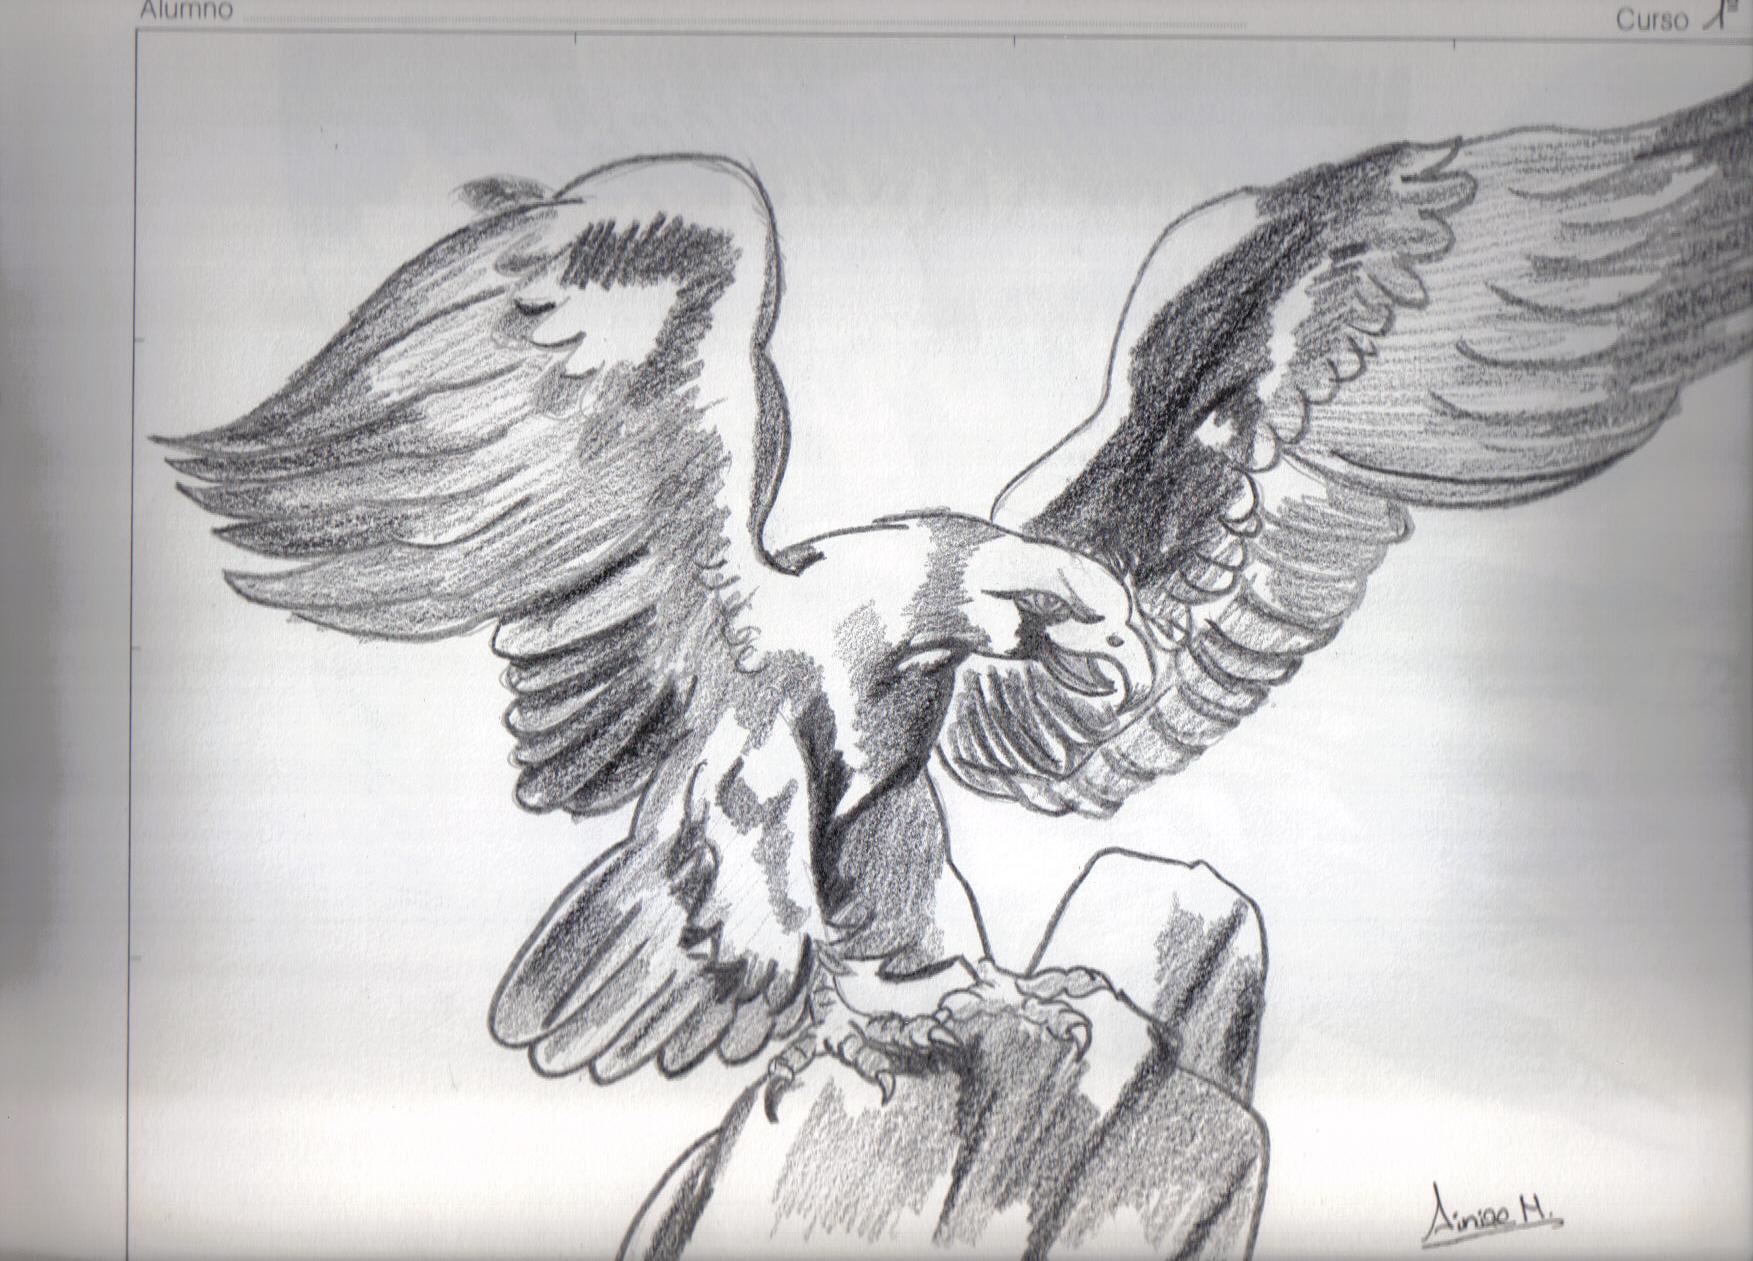 dibujos infantiles dibujo infantil dibujos infantiles para